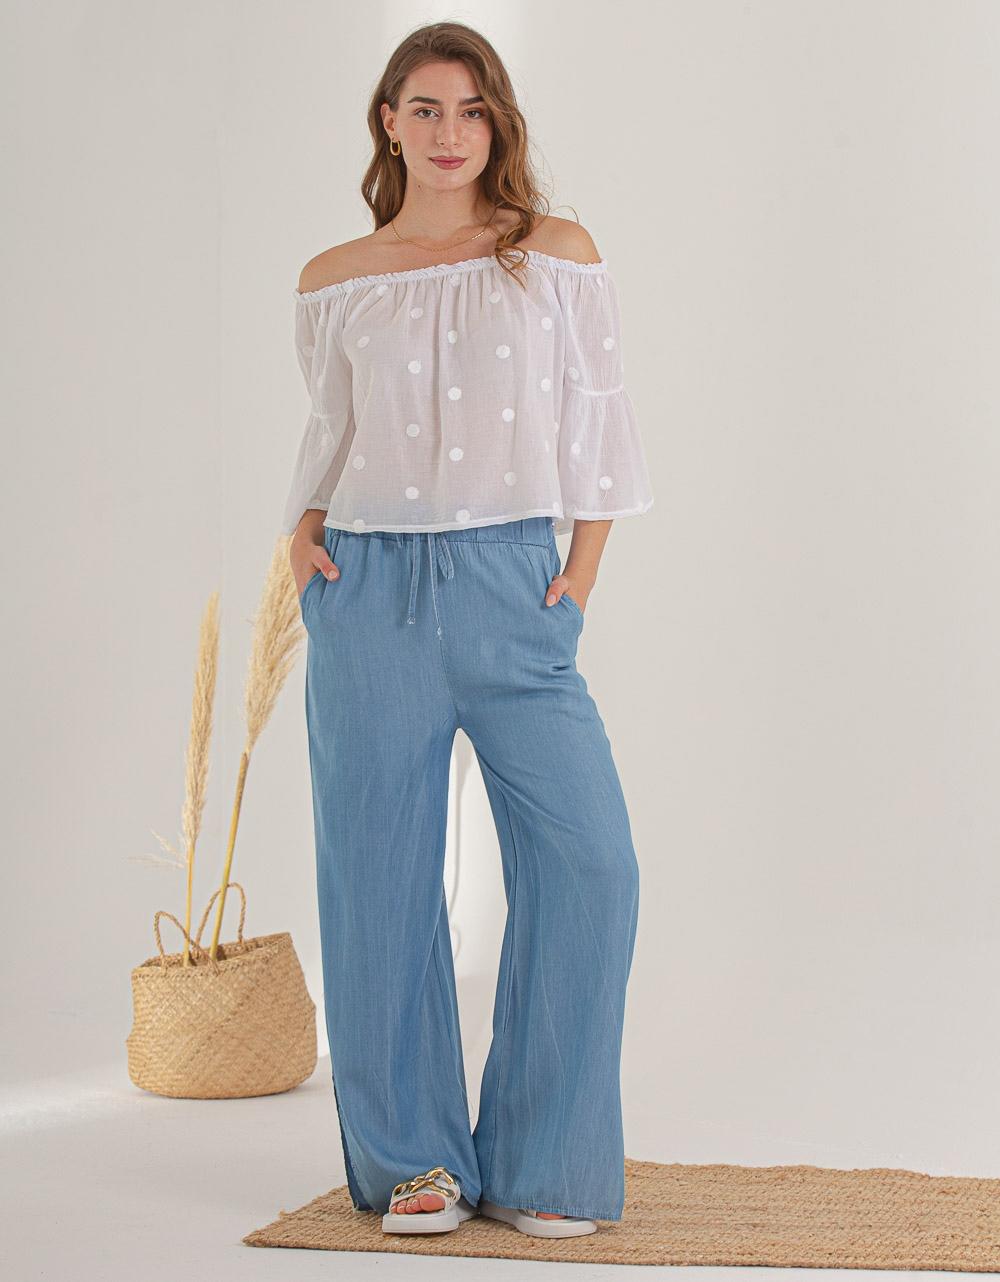 Εικόνα από  Γυναικείο παντελόνι με άνοιγμα στο μπατζάκι Μπλε